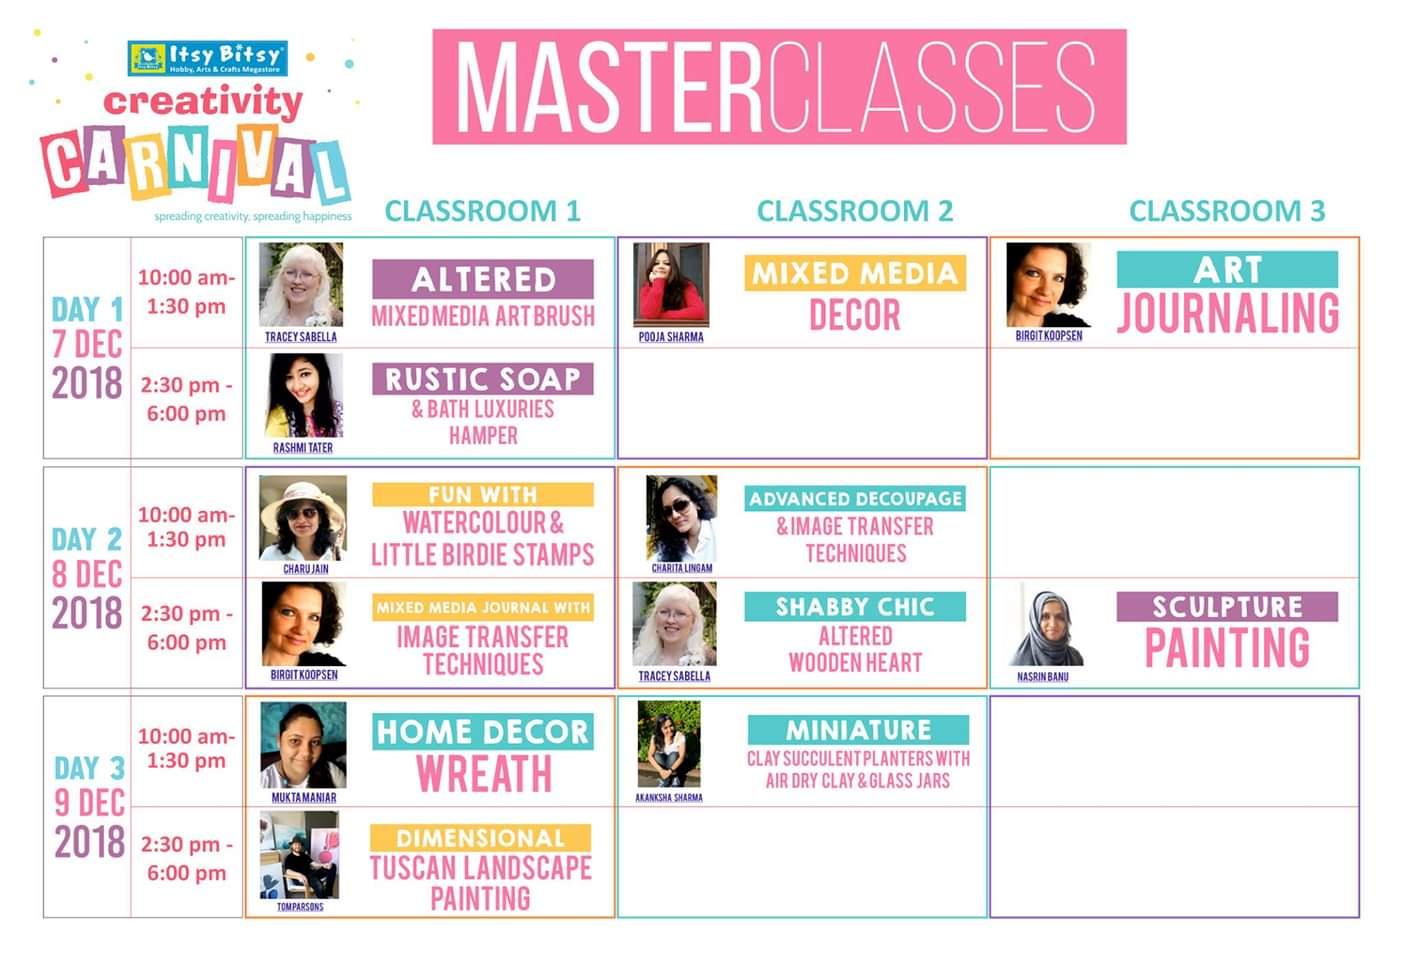 My Master class